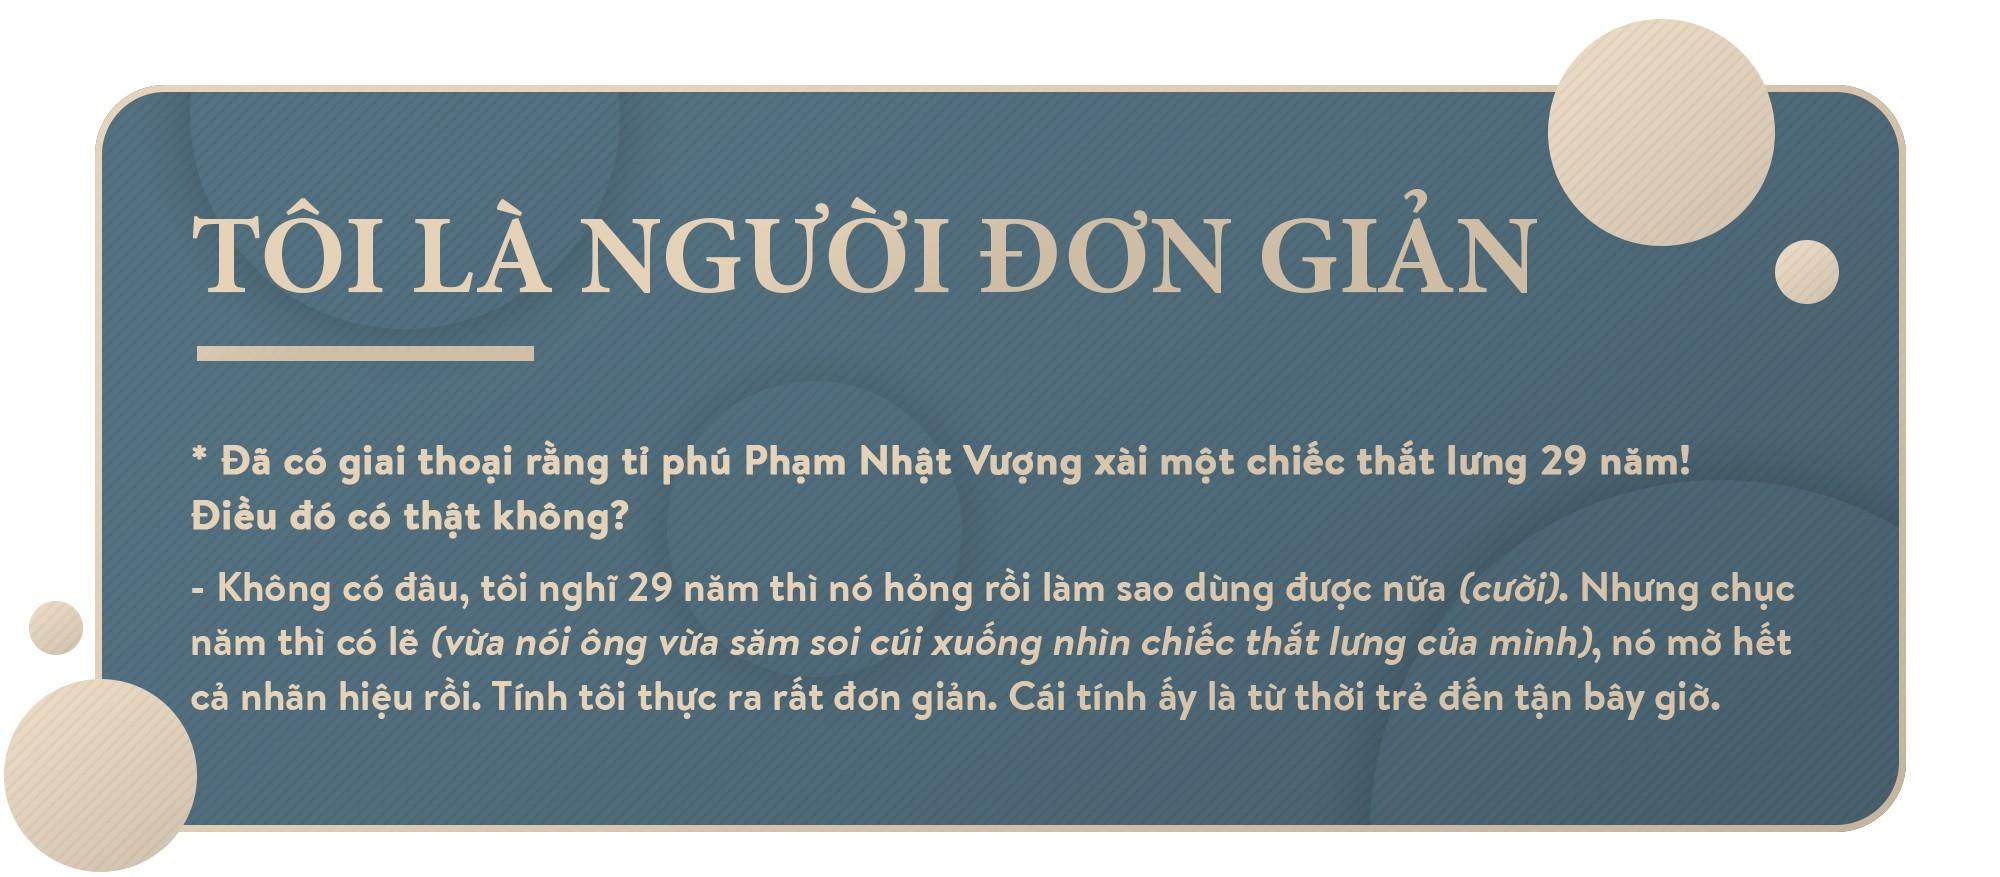 Ông Phạm Nhật Vượng: Thế giới phải biết Việt Nam trí tuệ, đẳng cấp - Ảnh 36.